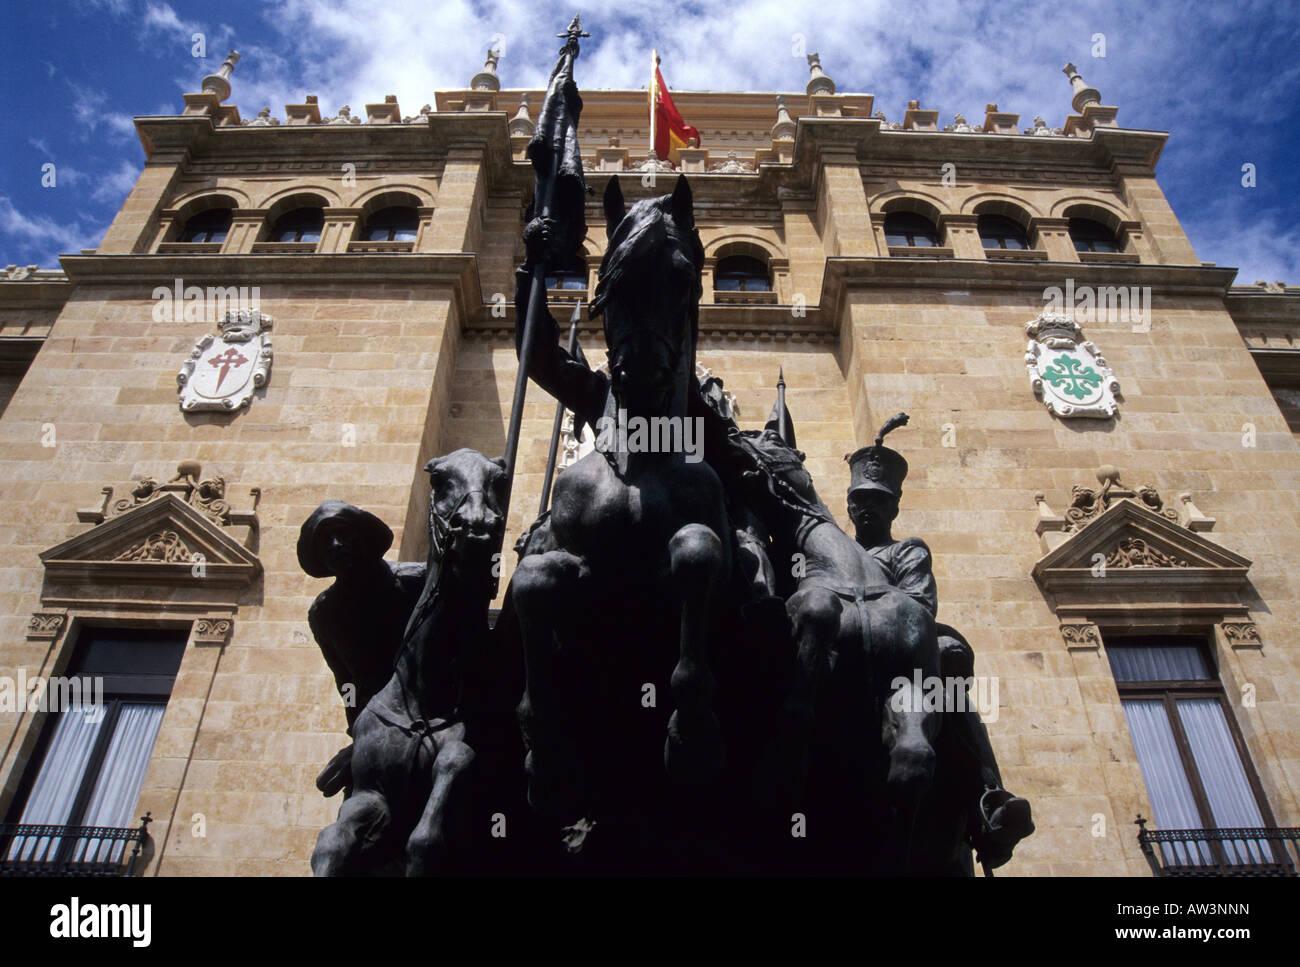 Alcántara Hunters statue and Academia de Caballería VALLADOLID Castile Leon region SPAIN - Stock Image